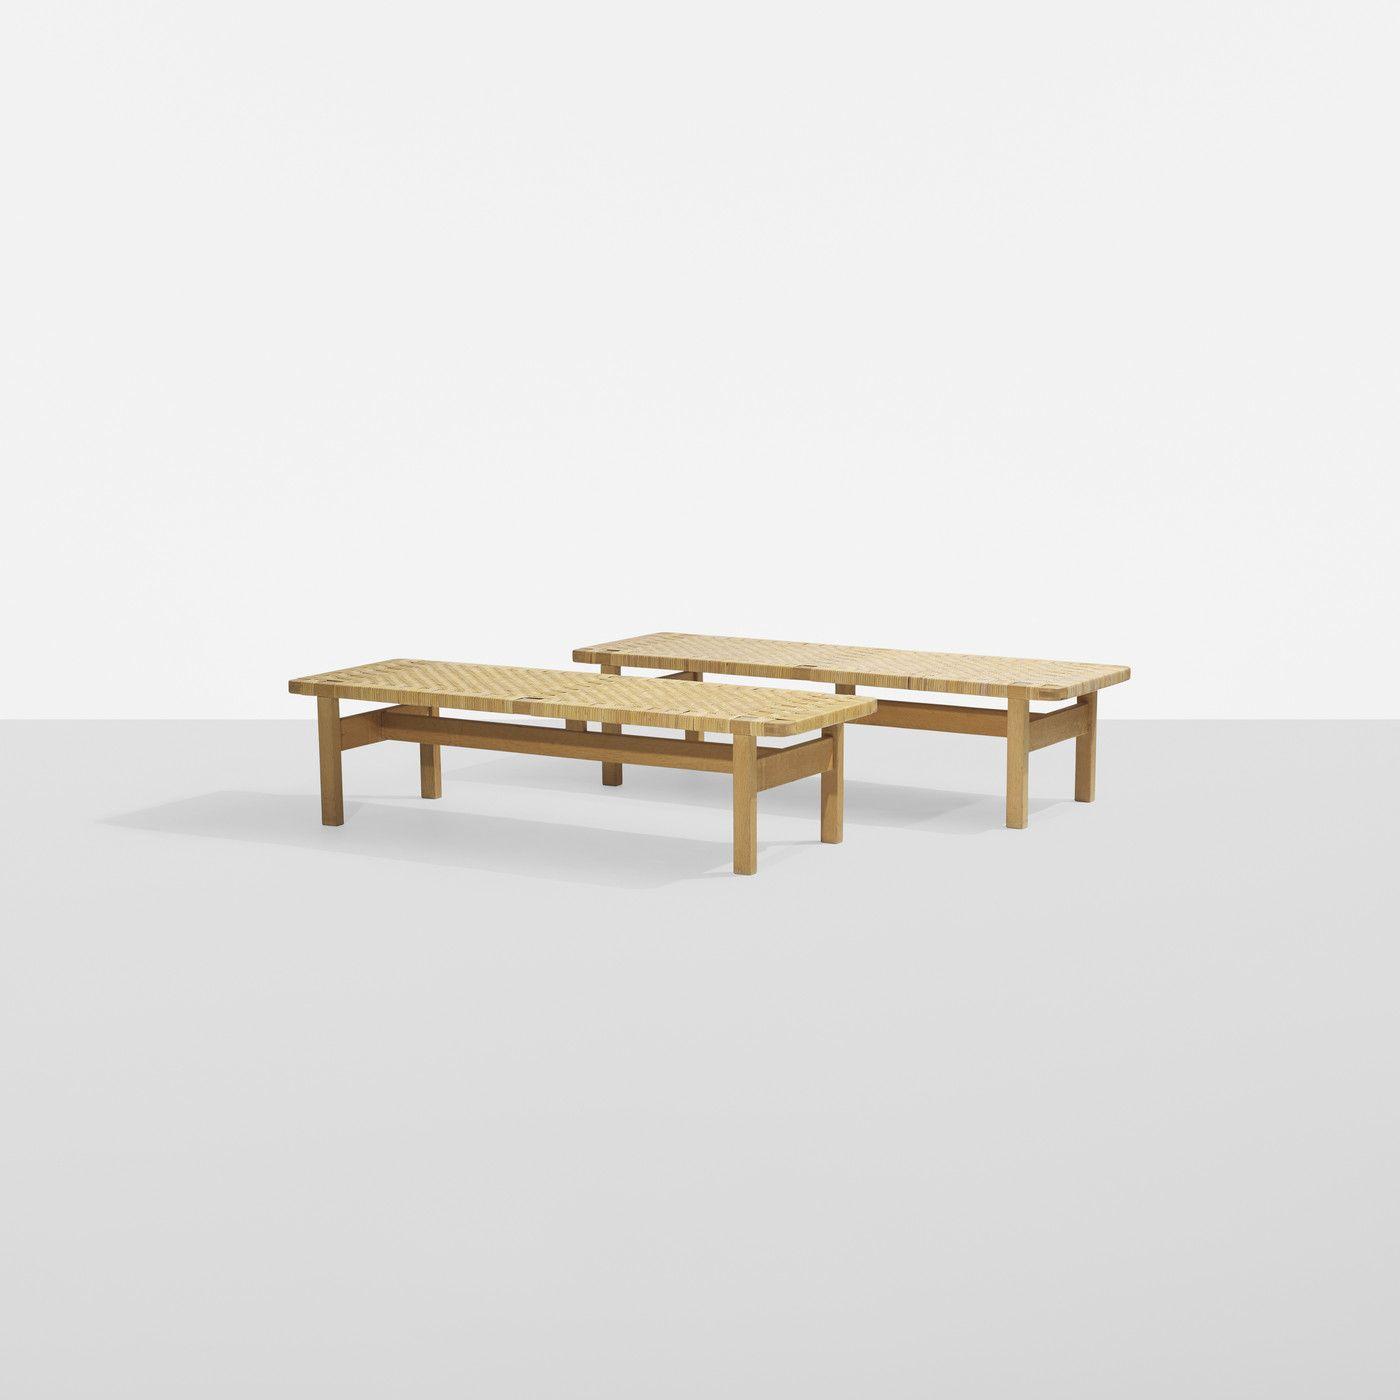 BØRGE MOGENSEN benches